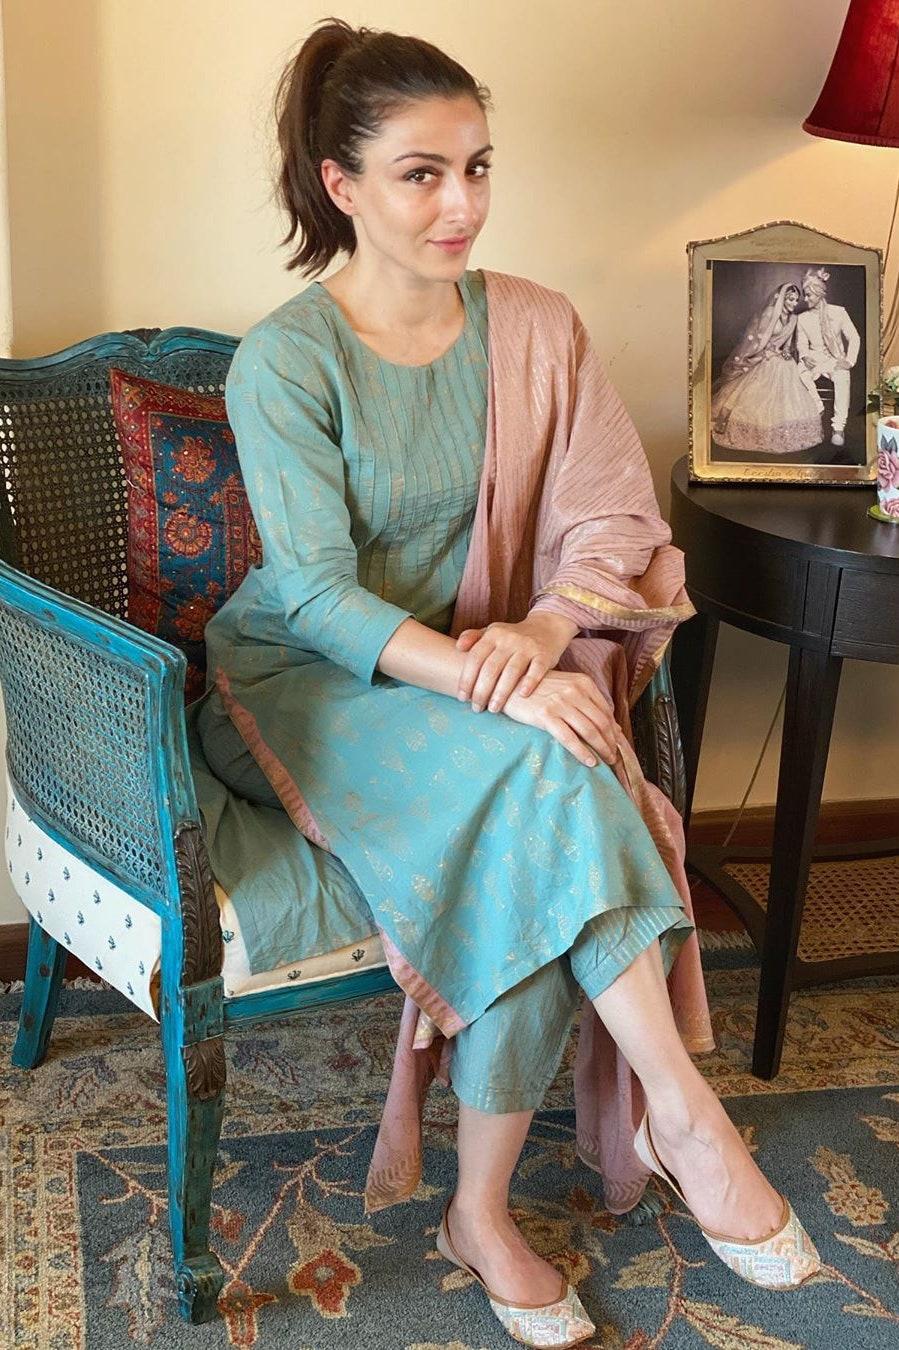 करोड़ो के इस आलिशान बंगले में रहती है करीना की ननद, देखें तस्वीरें